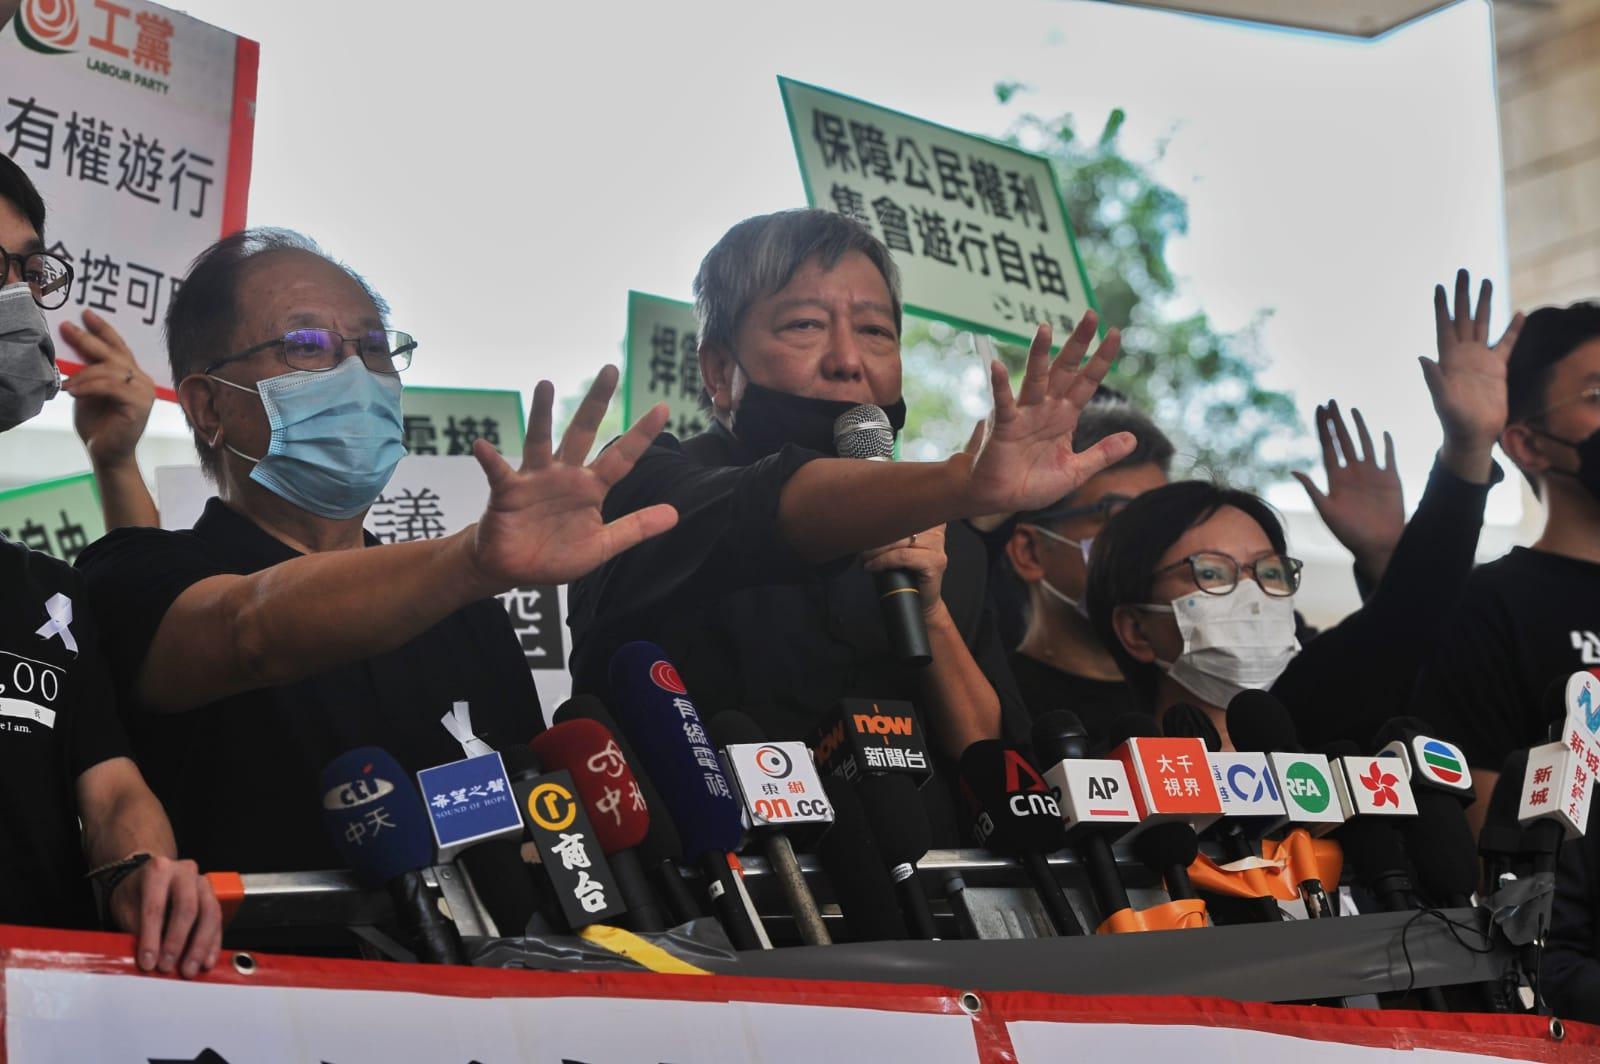 15名民主派人士被控涉嫌在去年8月及10月的反《逃犯條例》修訂大遊行中涉及煽惑、組織及參與未經批准集結等罪名。(宋碧龍 / 大紀元)